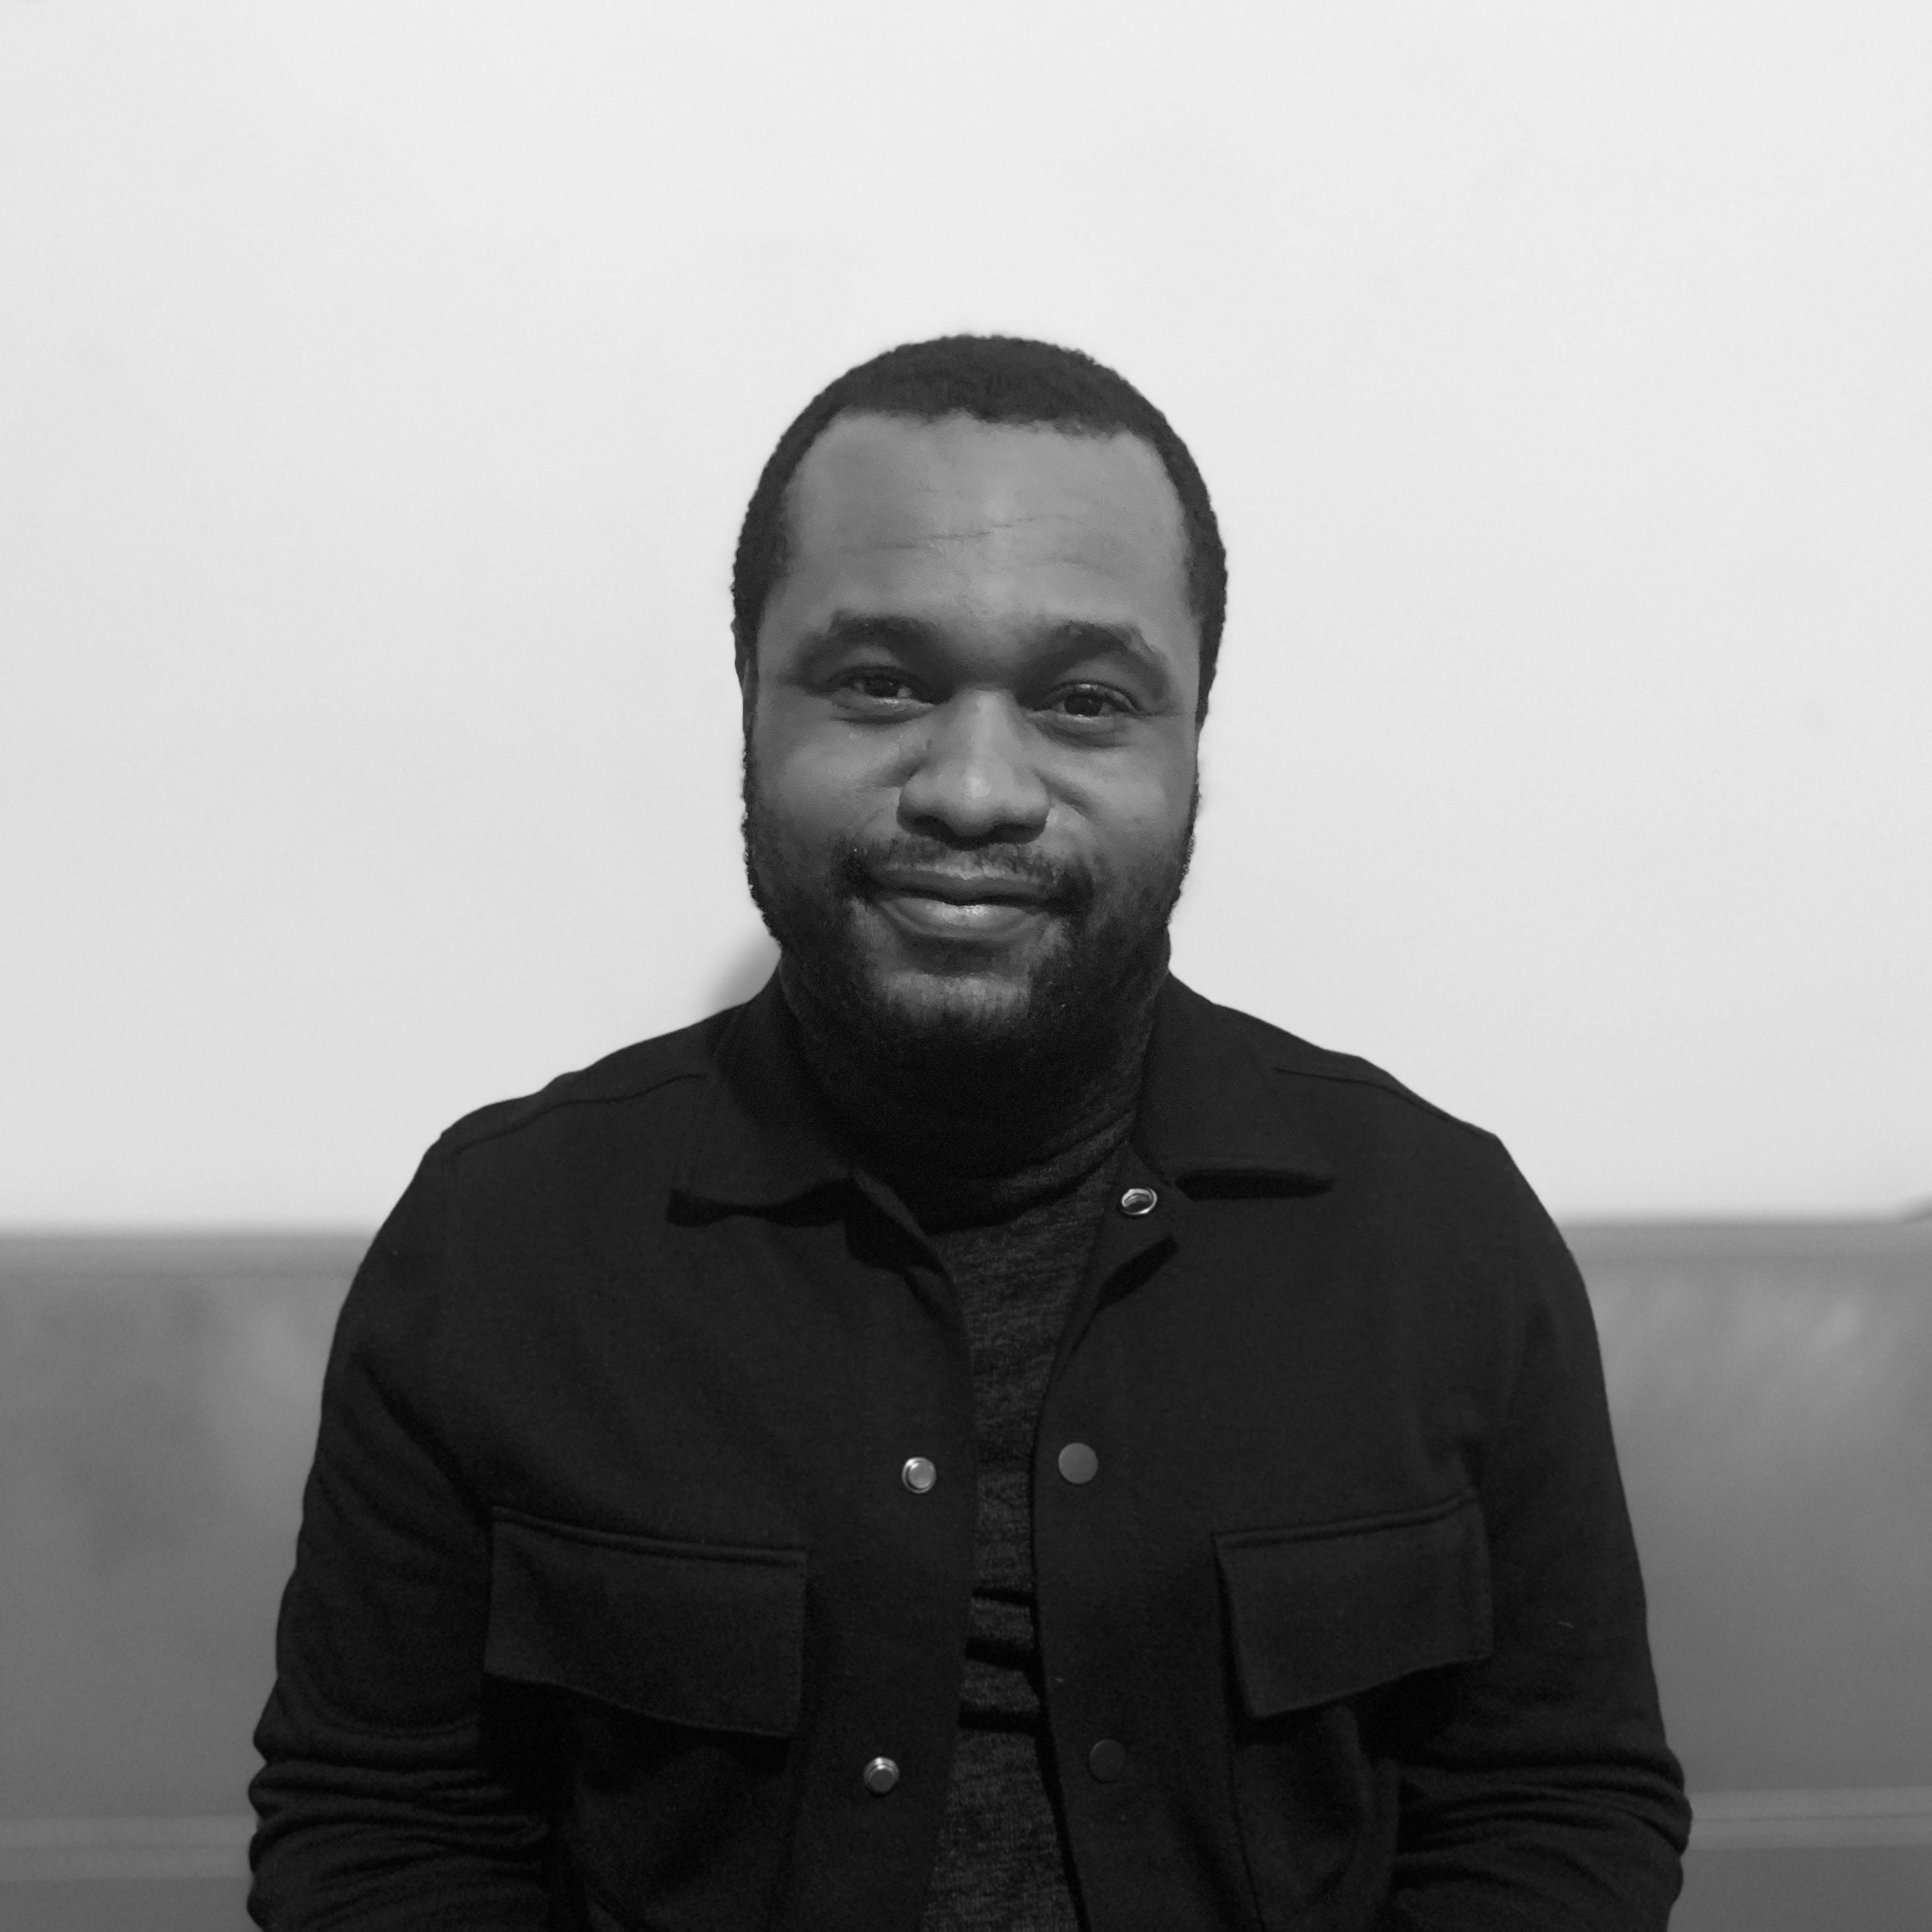 portrait of ugo onyewuchi